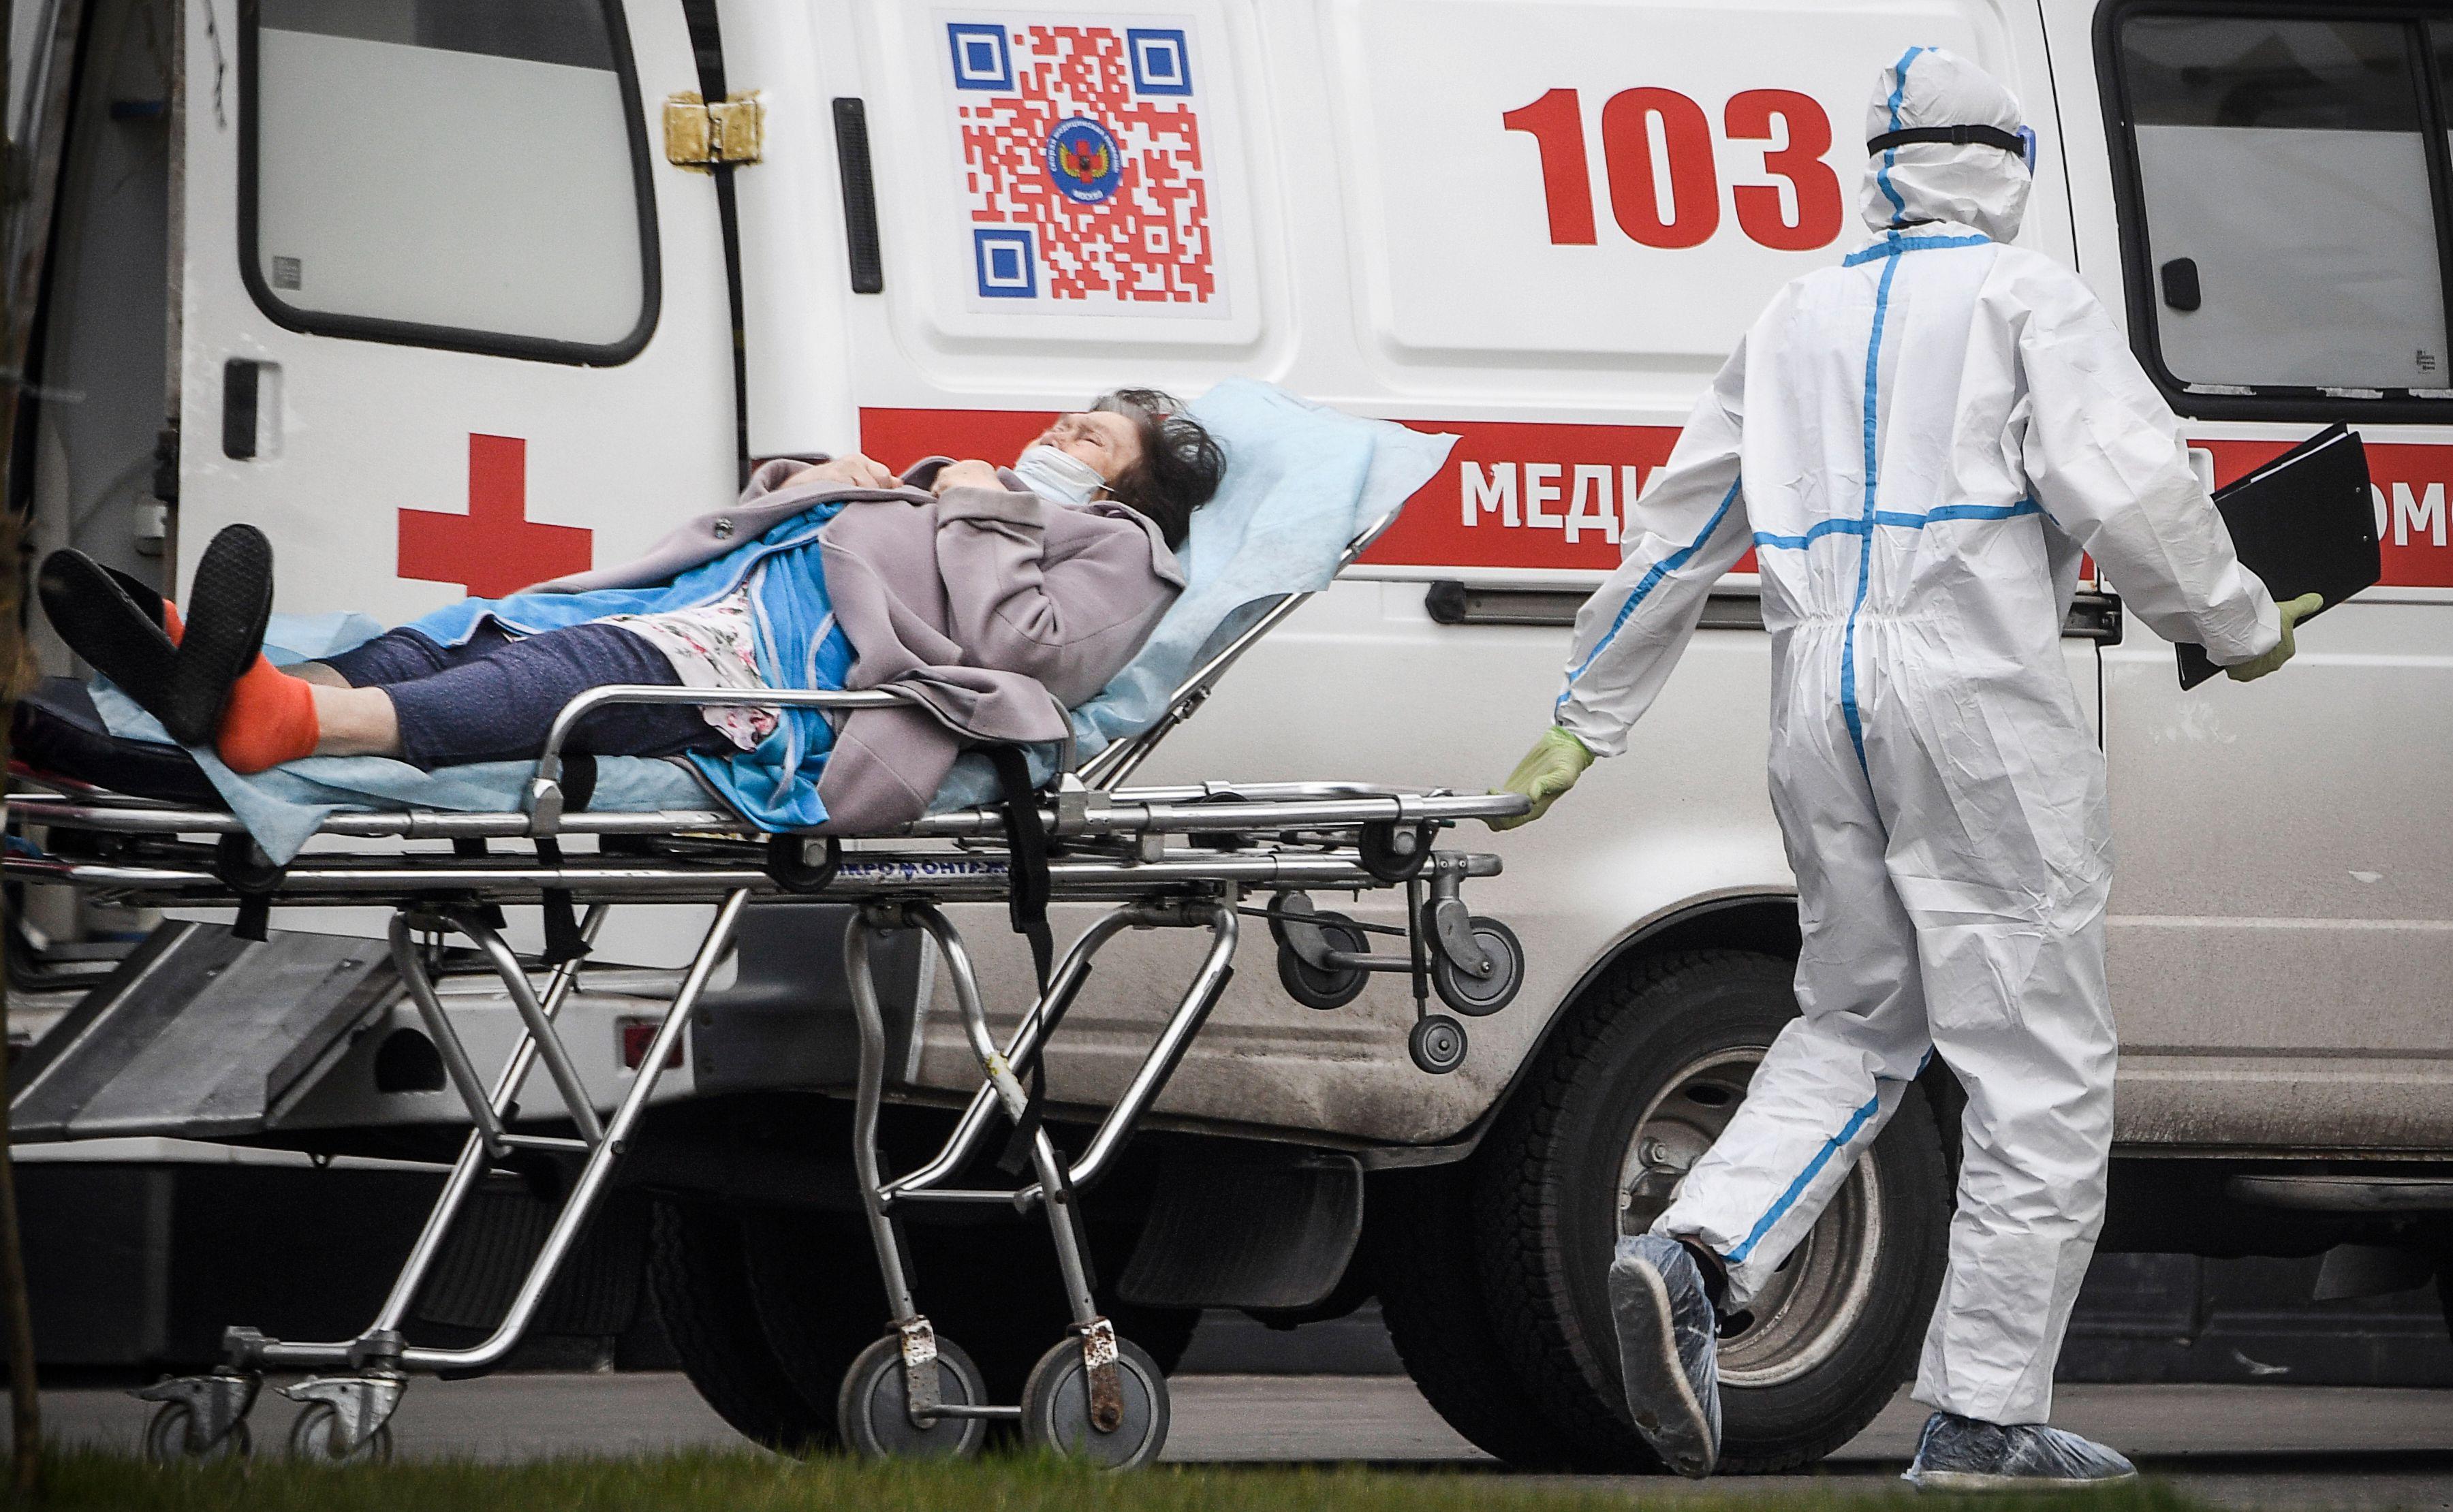 俄羅斯總統普京警告說,俄羅斯可能在今年秋天遭遇第二波新冠肺炎疫情的襲擊。圖為莫斯科一名军医将患者送入医院(法新社)